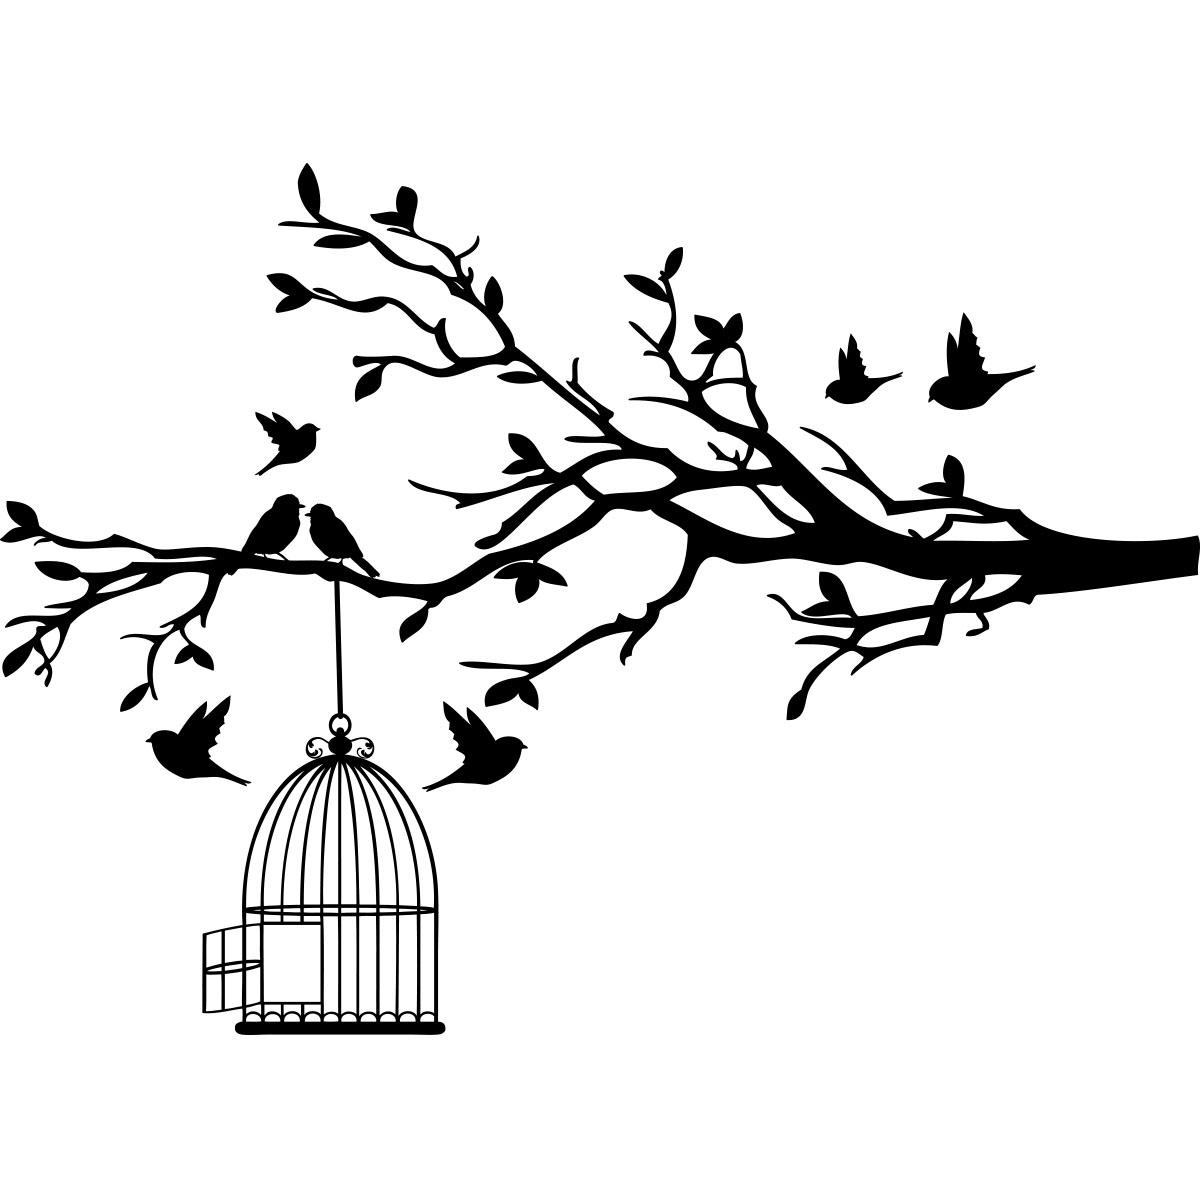 Dessin Maison D'oiseau - Dernier B concernant Dessin De Cage D Oiseau